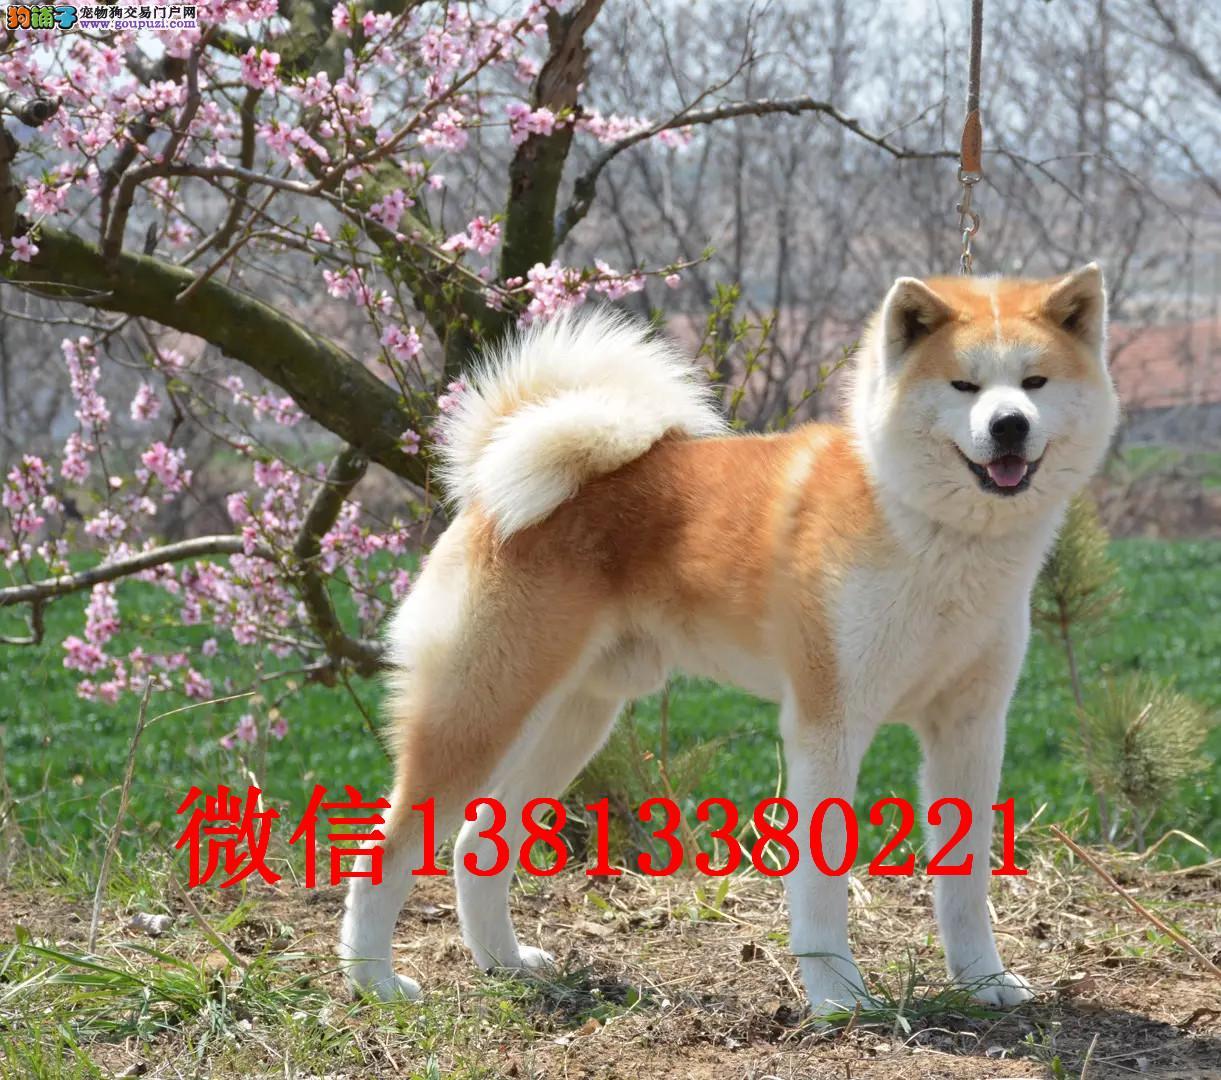 吉林哪里有卖秋田犬 日系秋田多少钱 纯种秋田犬图片